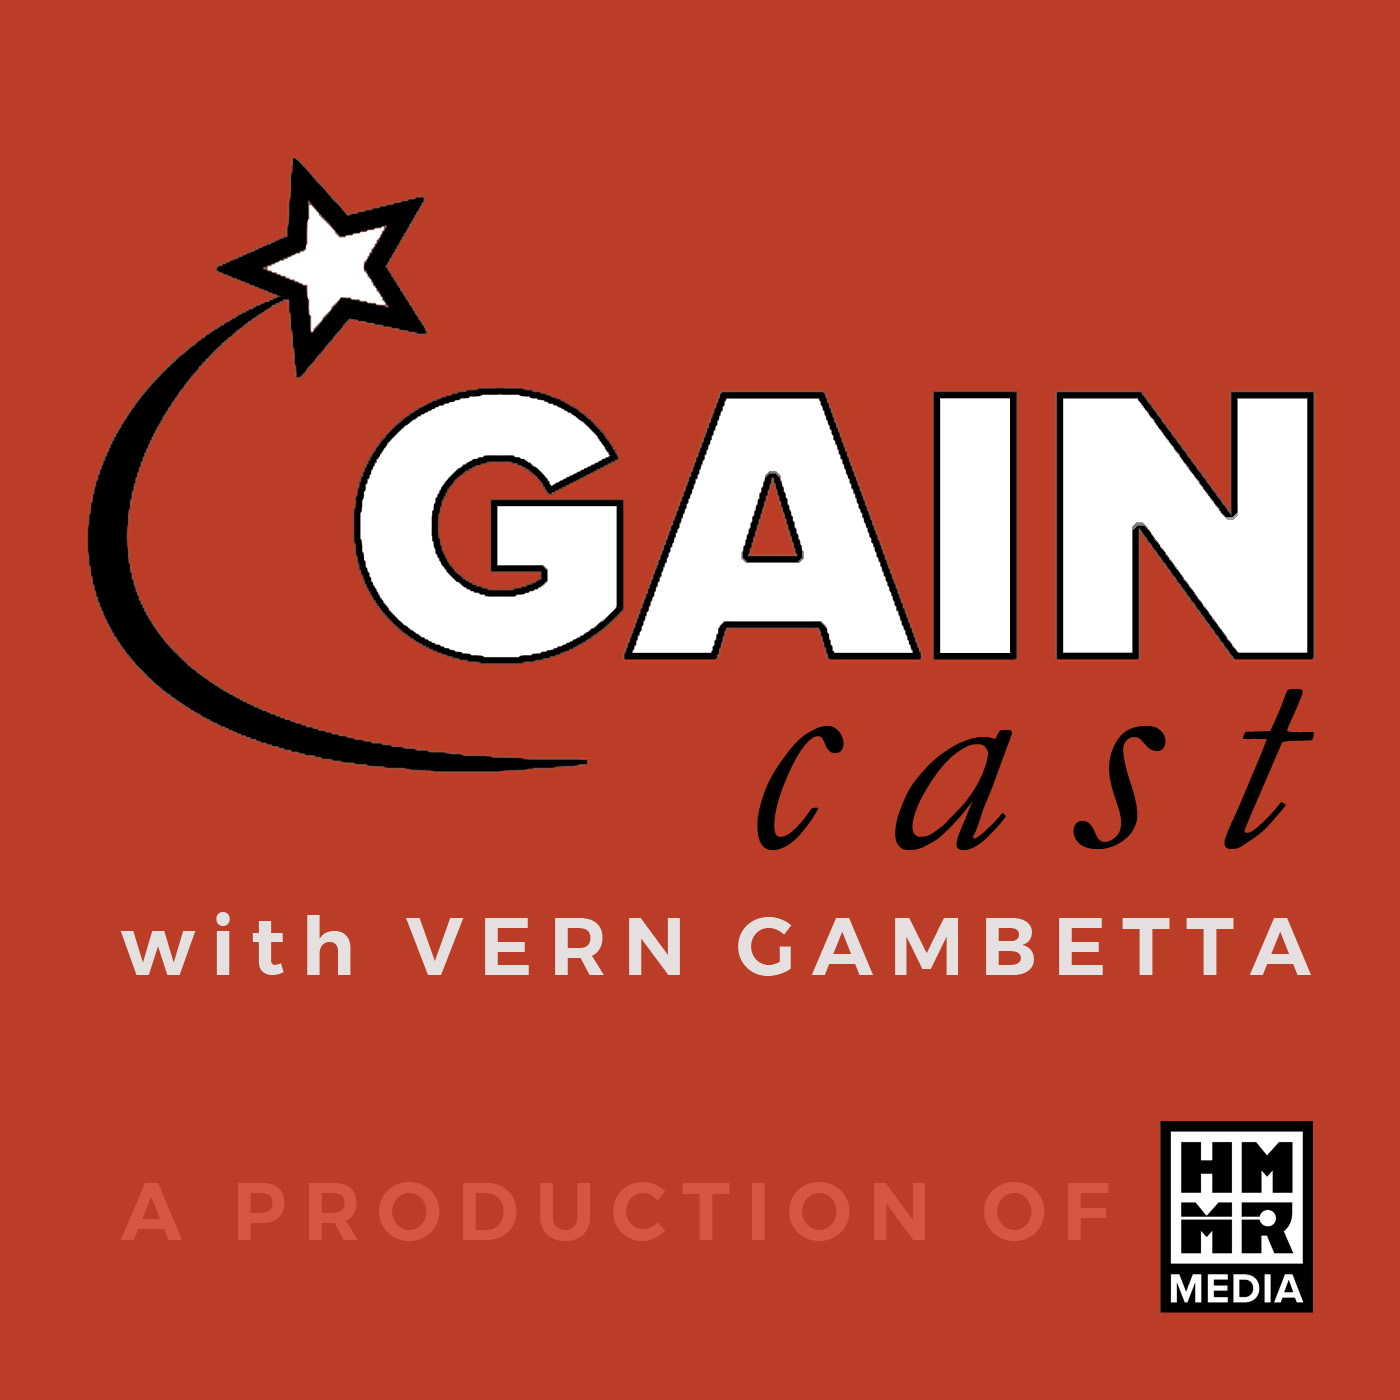 GAINcast with Vern Gambetta show art